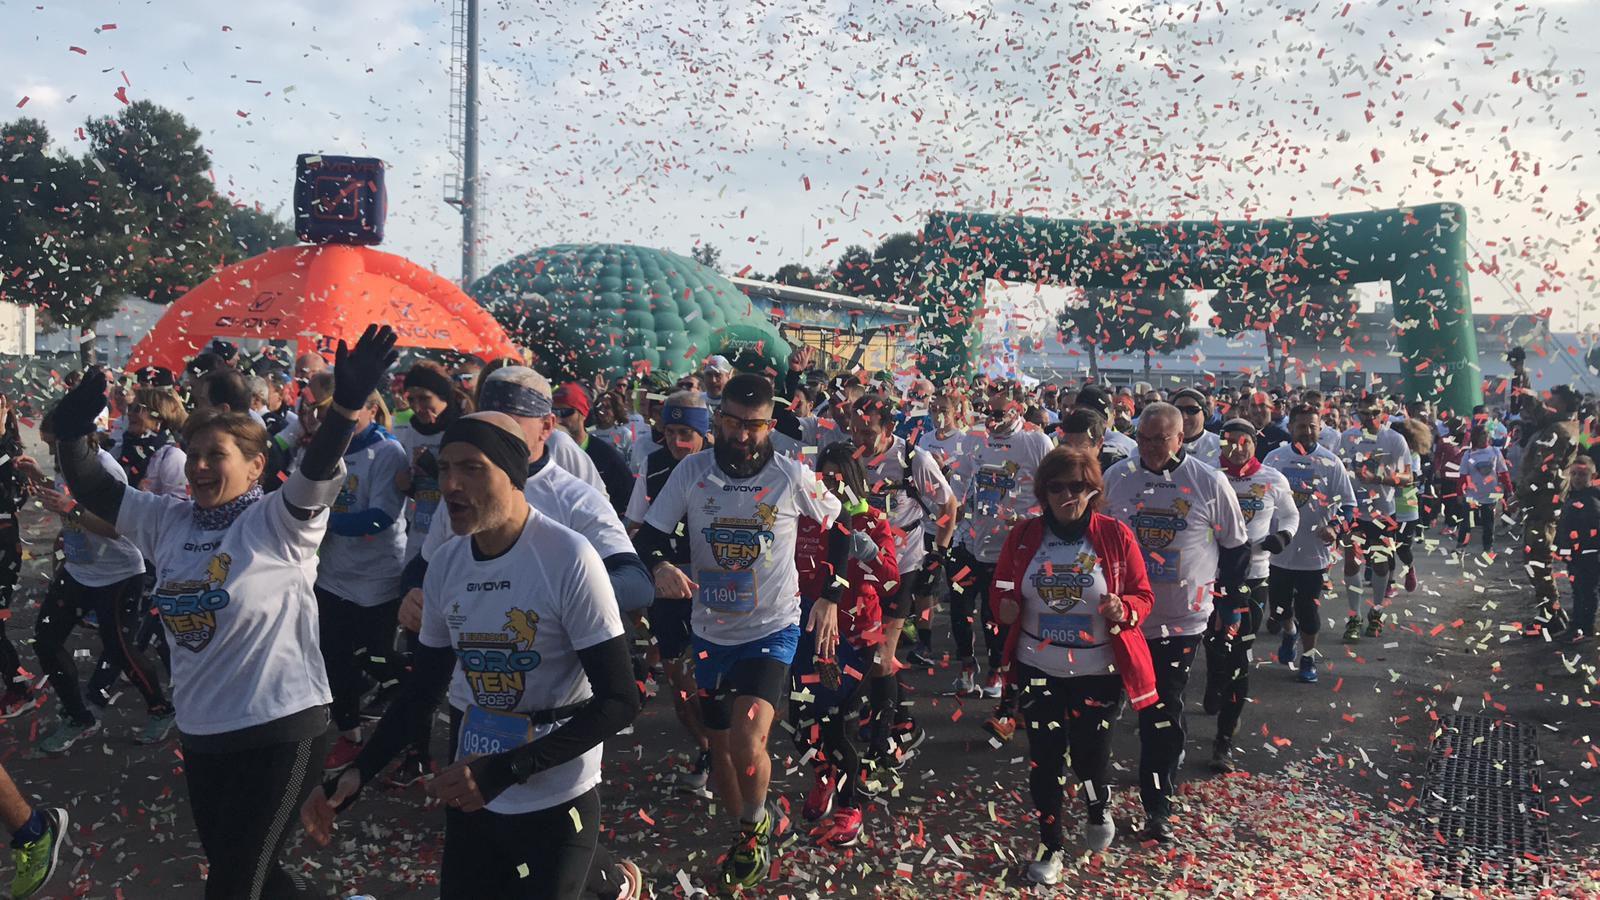 """Barletta:militari dell'82°Reggimento Fanteria""""Torino""""organizzano gara podistica e raccolgono fondi per donare 2 defibrillatori al comune di Barletta"""